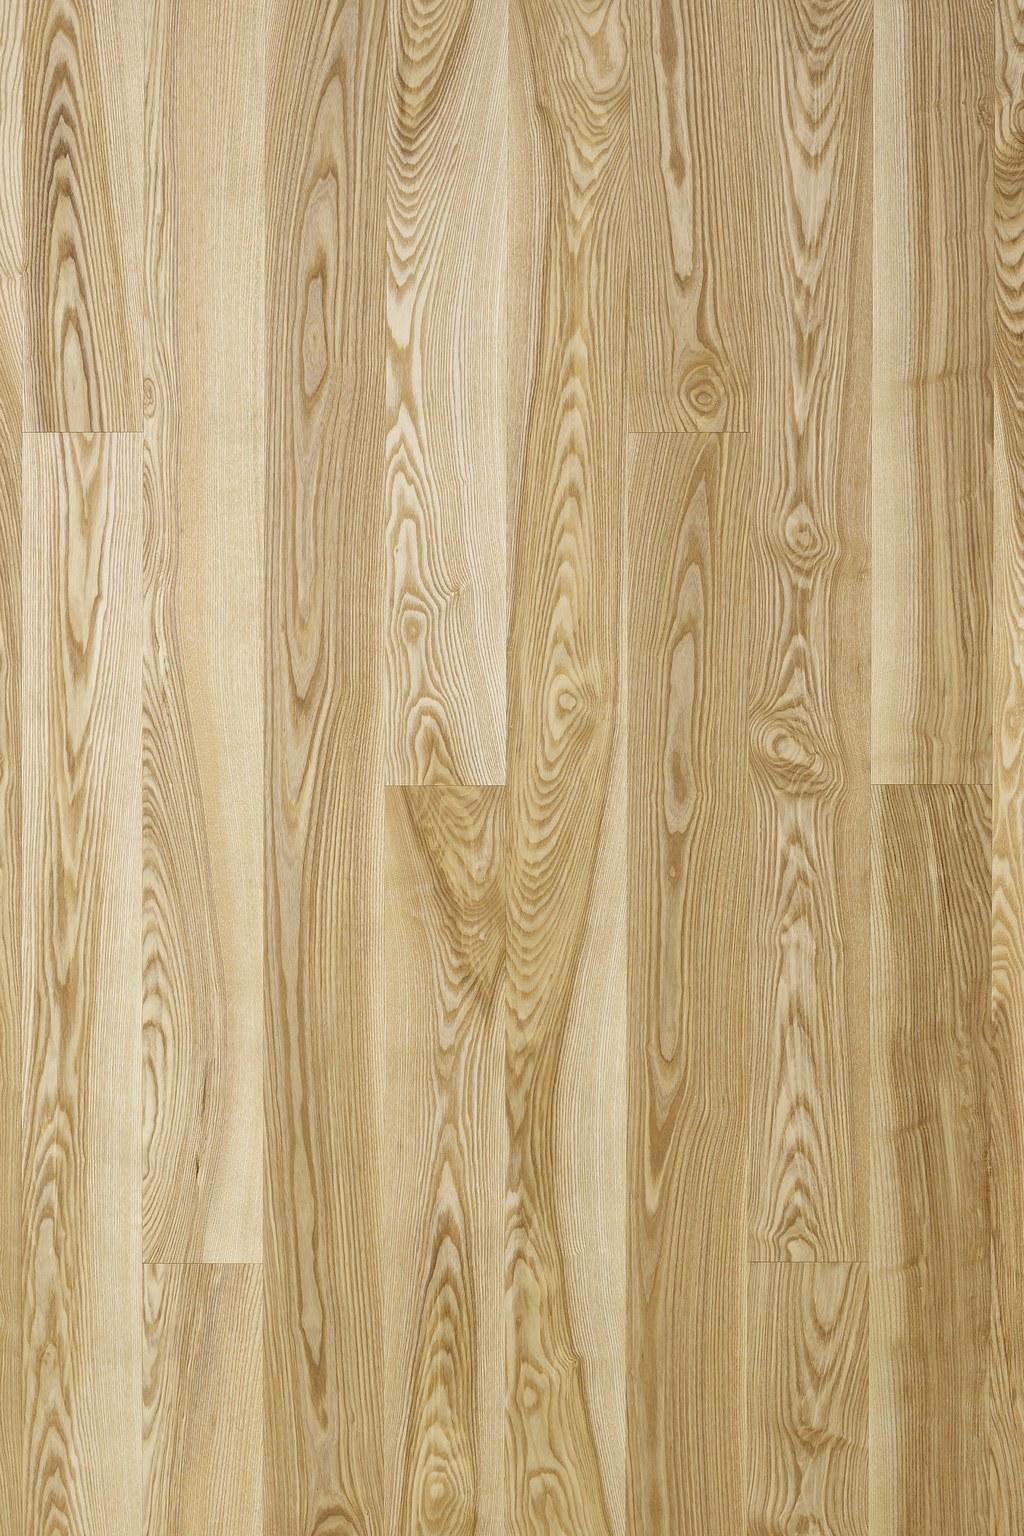 Timberwise Parketti Lankkuparketti Puulattia Wooden Floor Parquet Plank Saarni Ash Olive Mattalakka Matte Lacquer 2D1